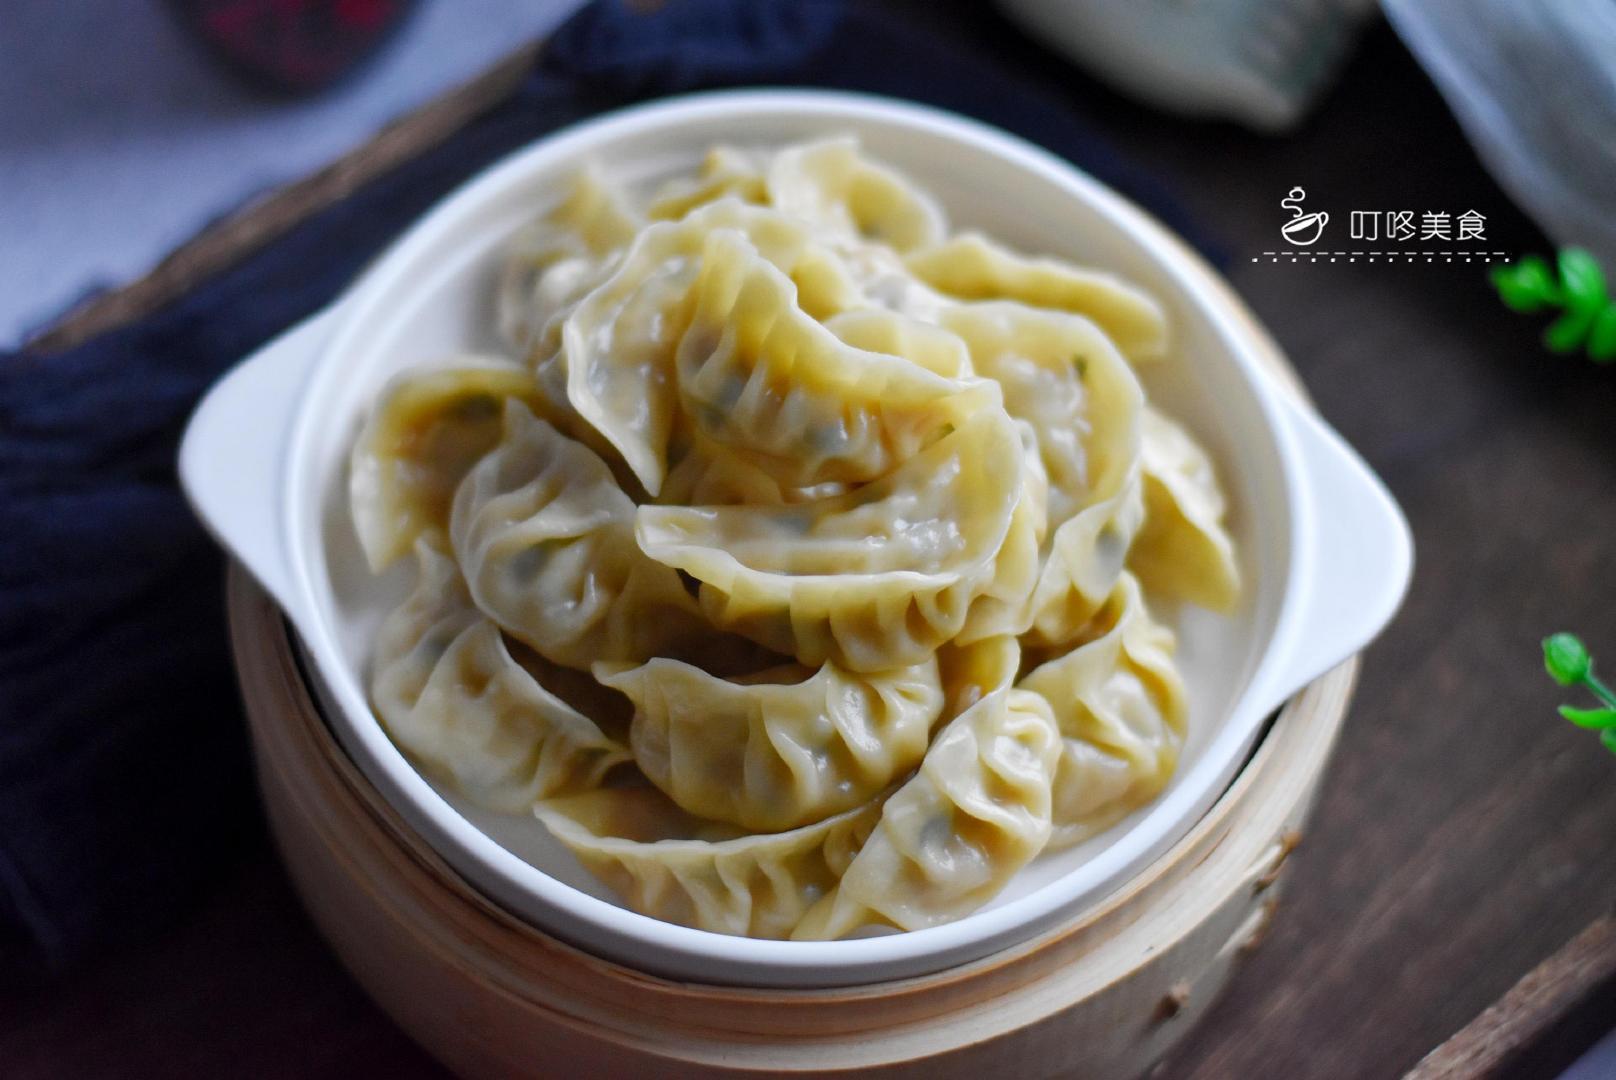 萝卜饺子:鲜嫩多汁,比韭菜还美味